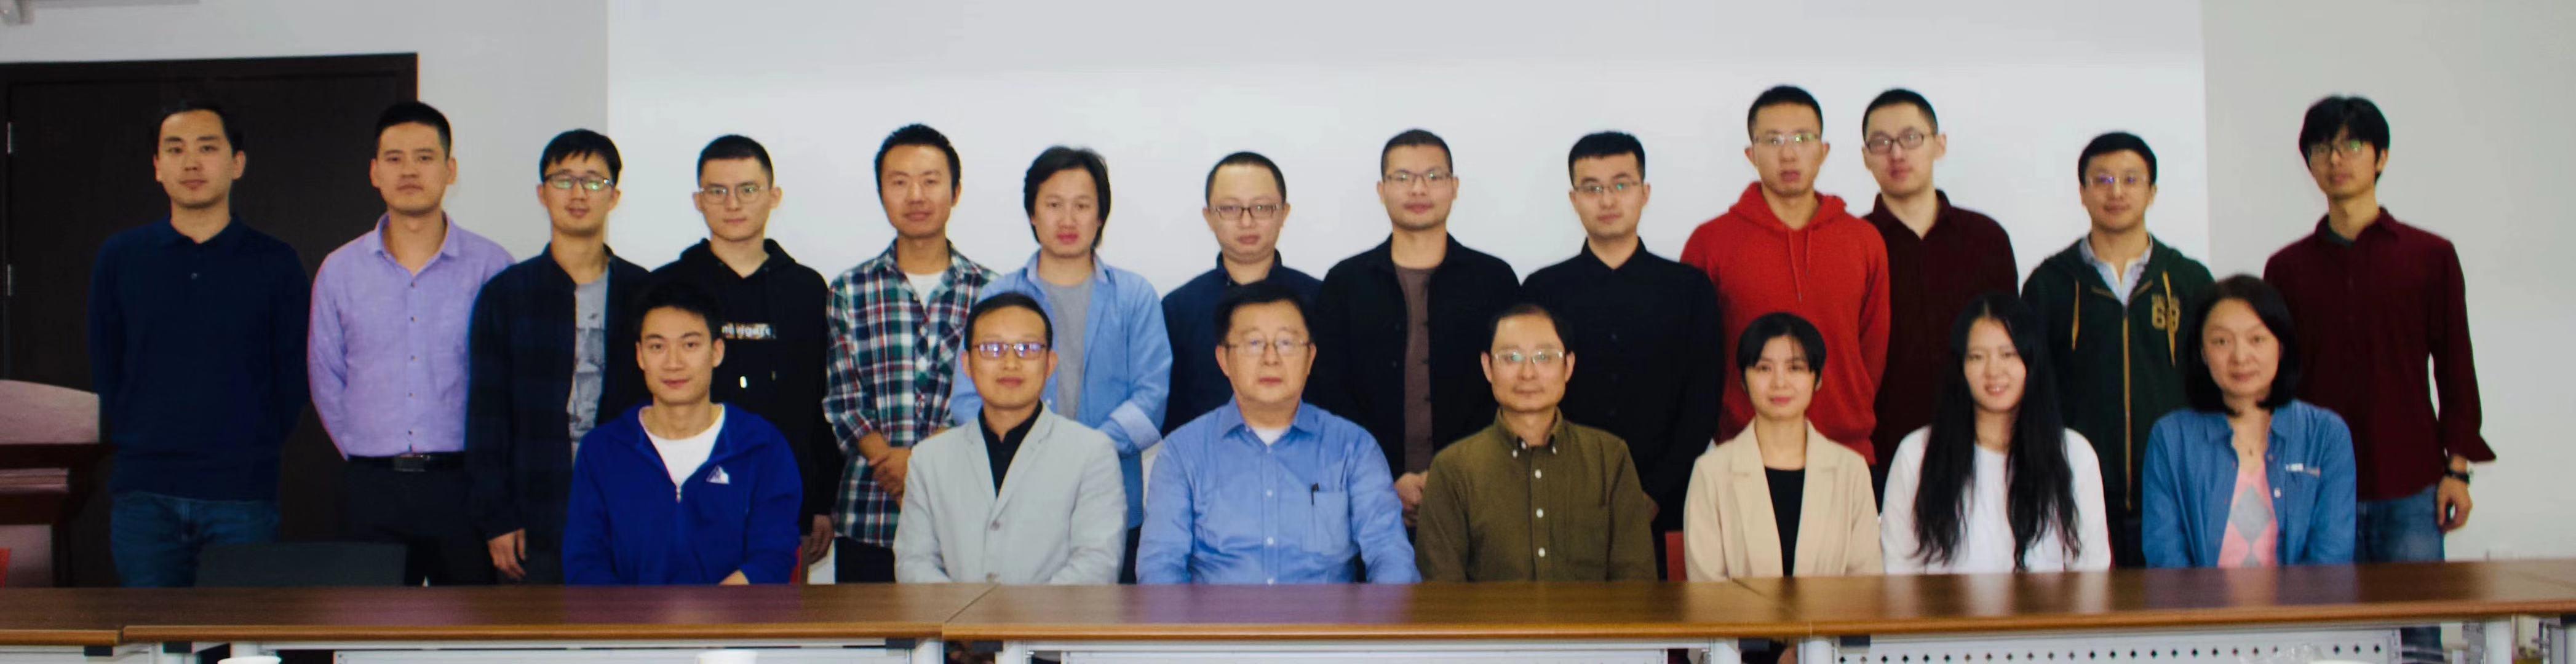 2019年度《中国基督教研究》优秀博士生论坛成功举办